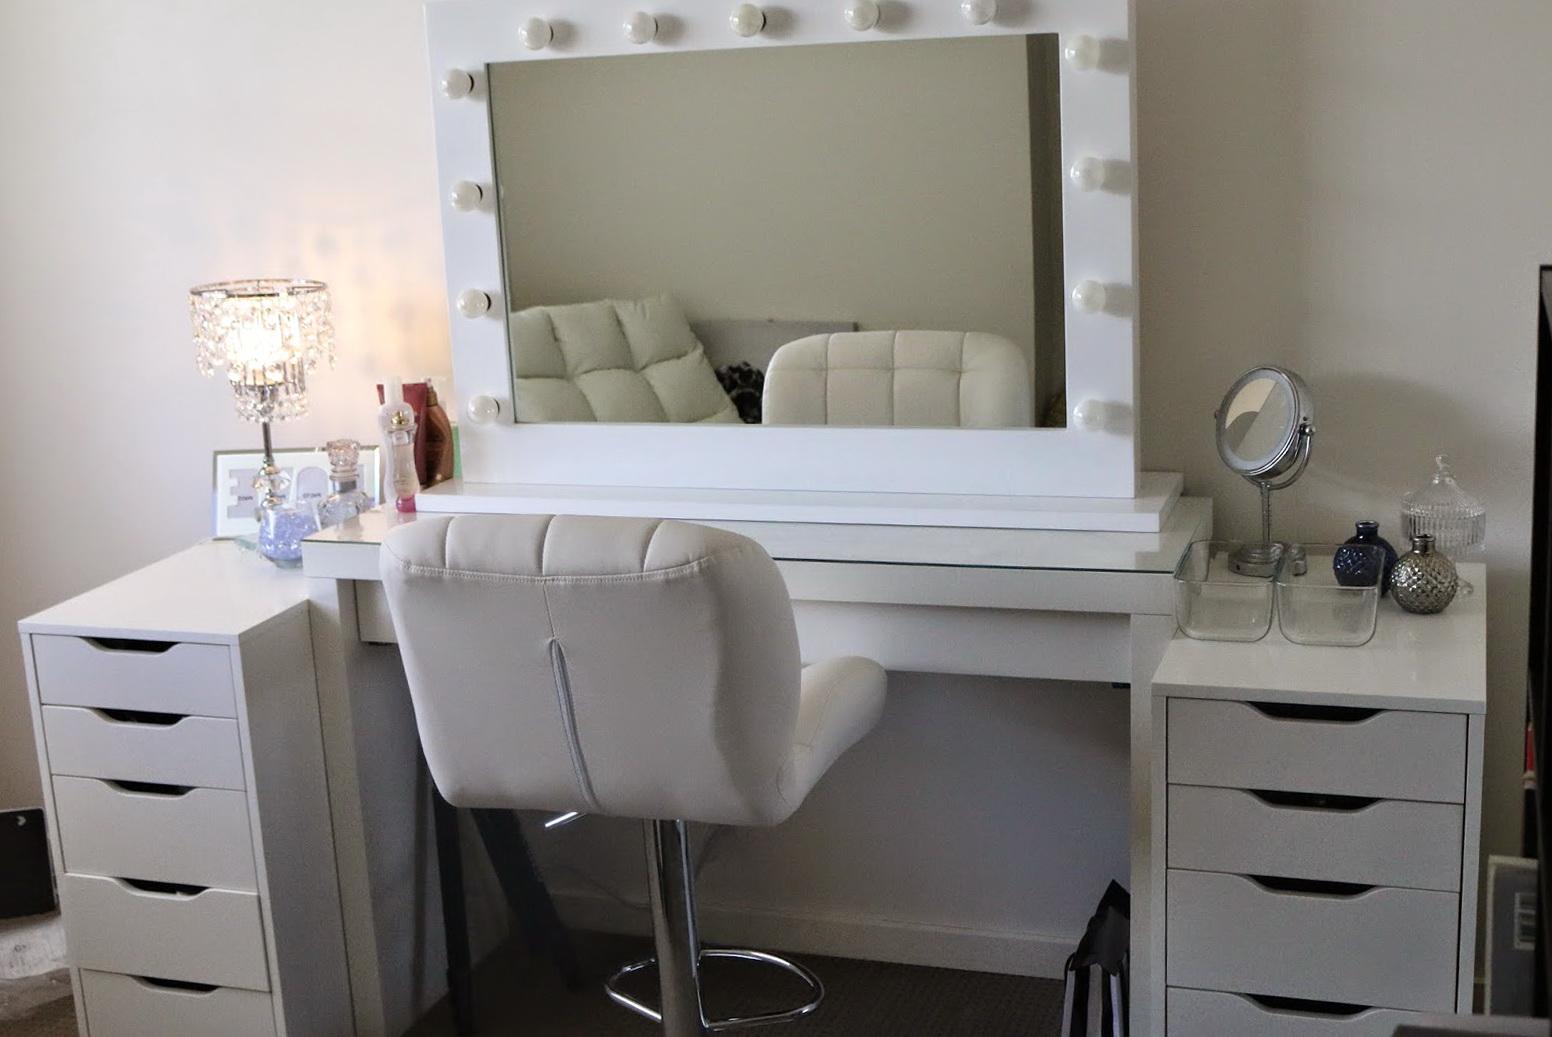 Ikea Makeup Vanity With Lights